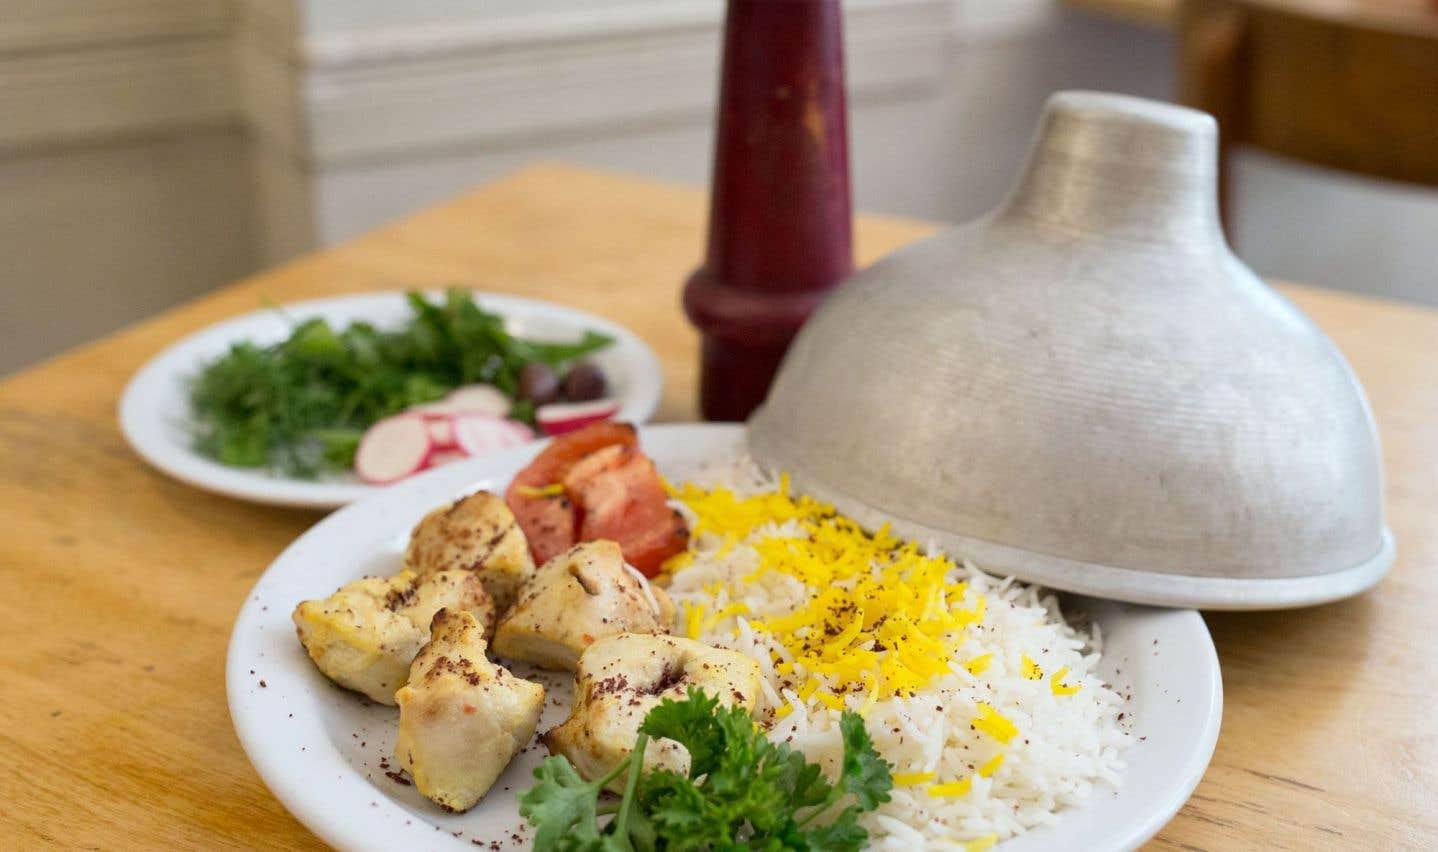 La recette de brochettes de poulet à l'iranienne du Byblos